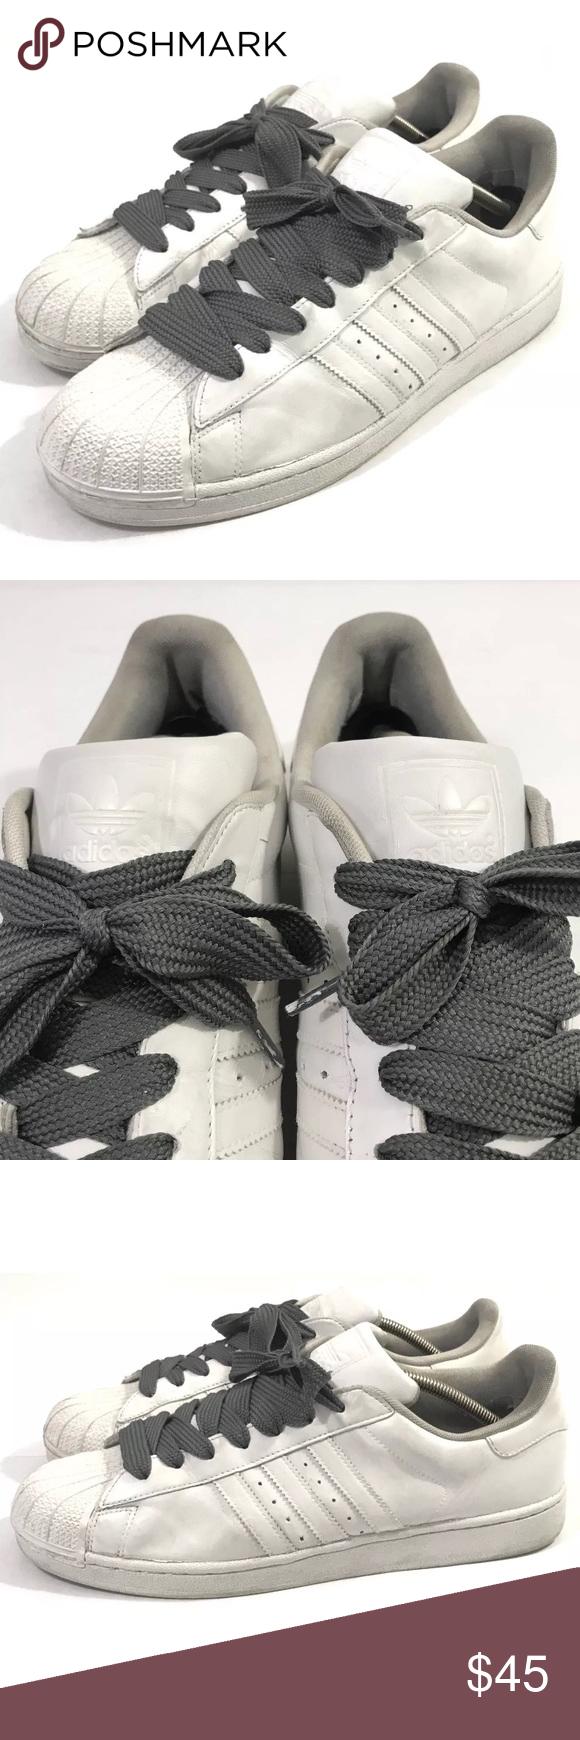 adidas stan smith tutte le scarpe bianche scarpe adidas stan uomini 13